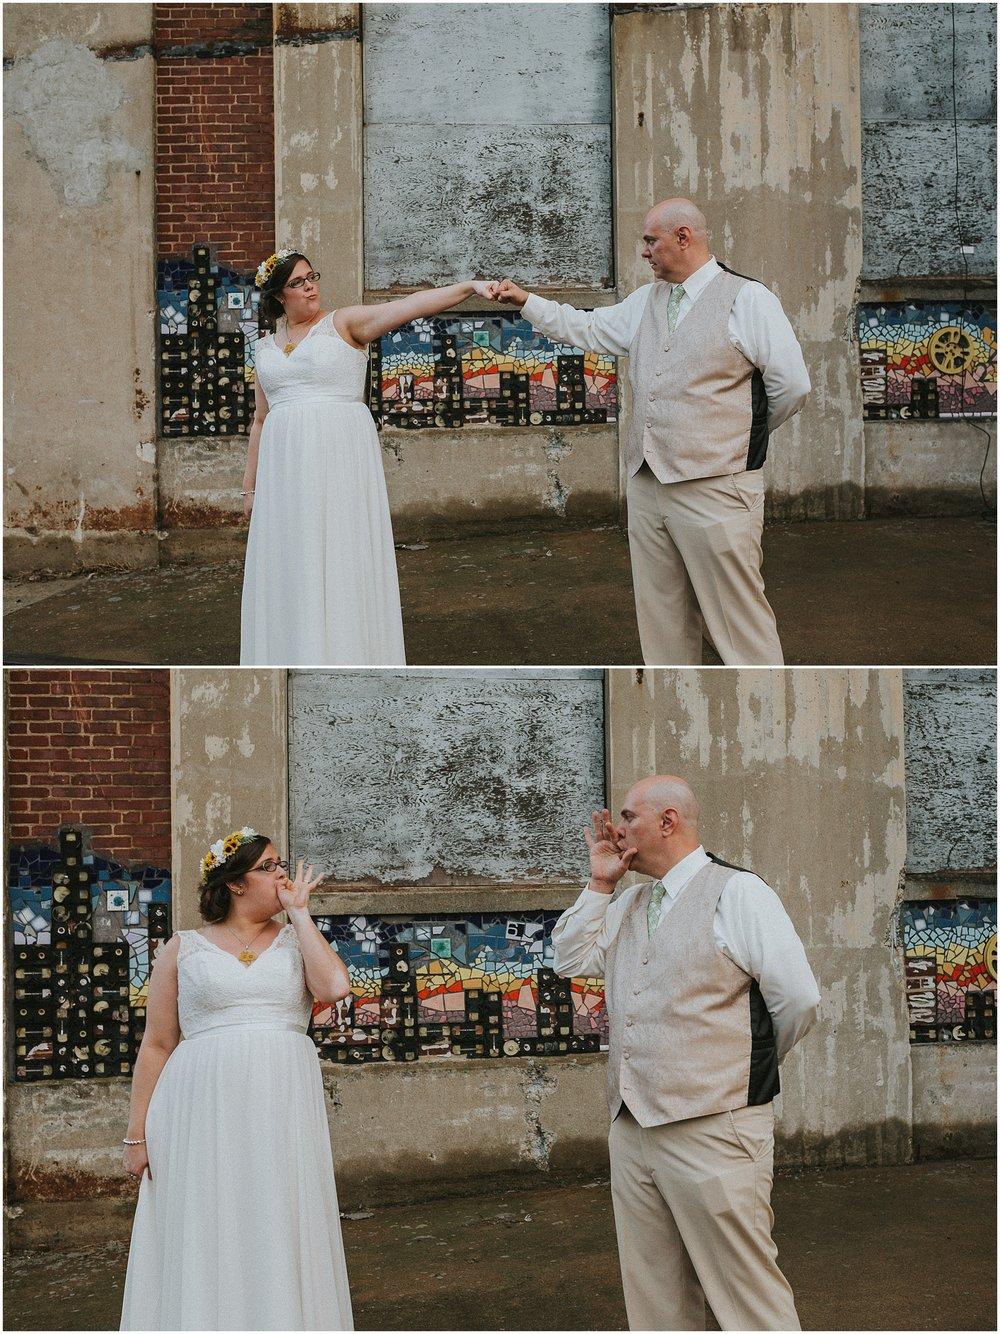 Reading-Pennsylvania-Outdoor-Wedding-DIY-Bride-Groom-Dancing-Laughter-Reception (70).jpg